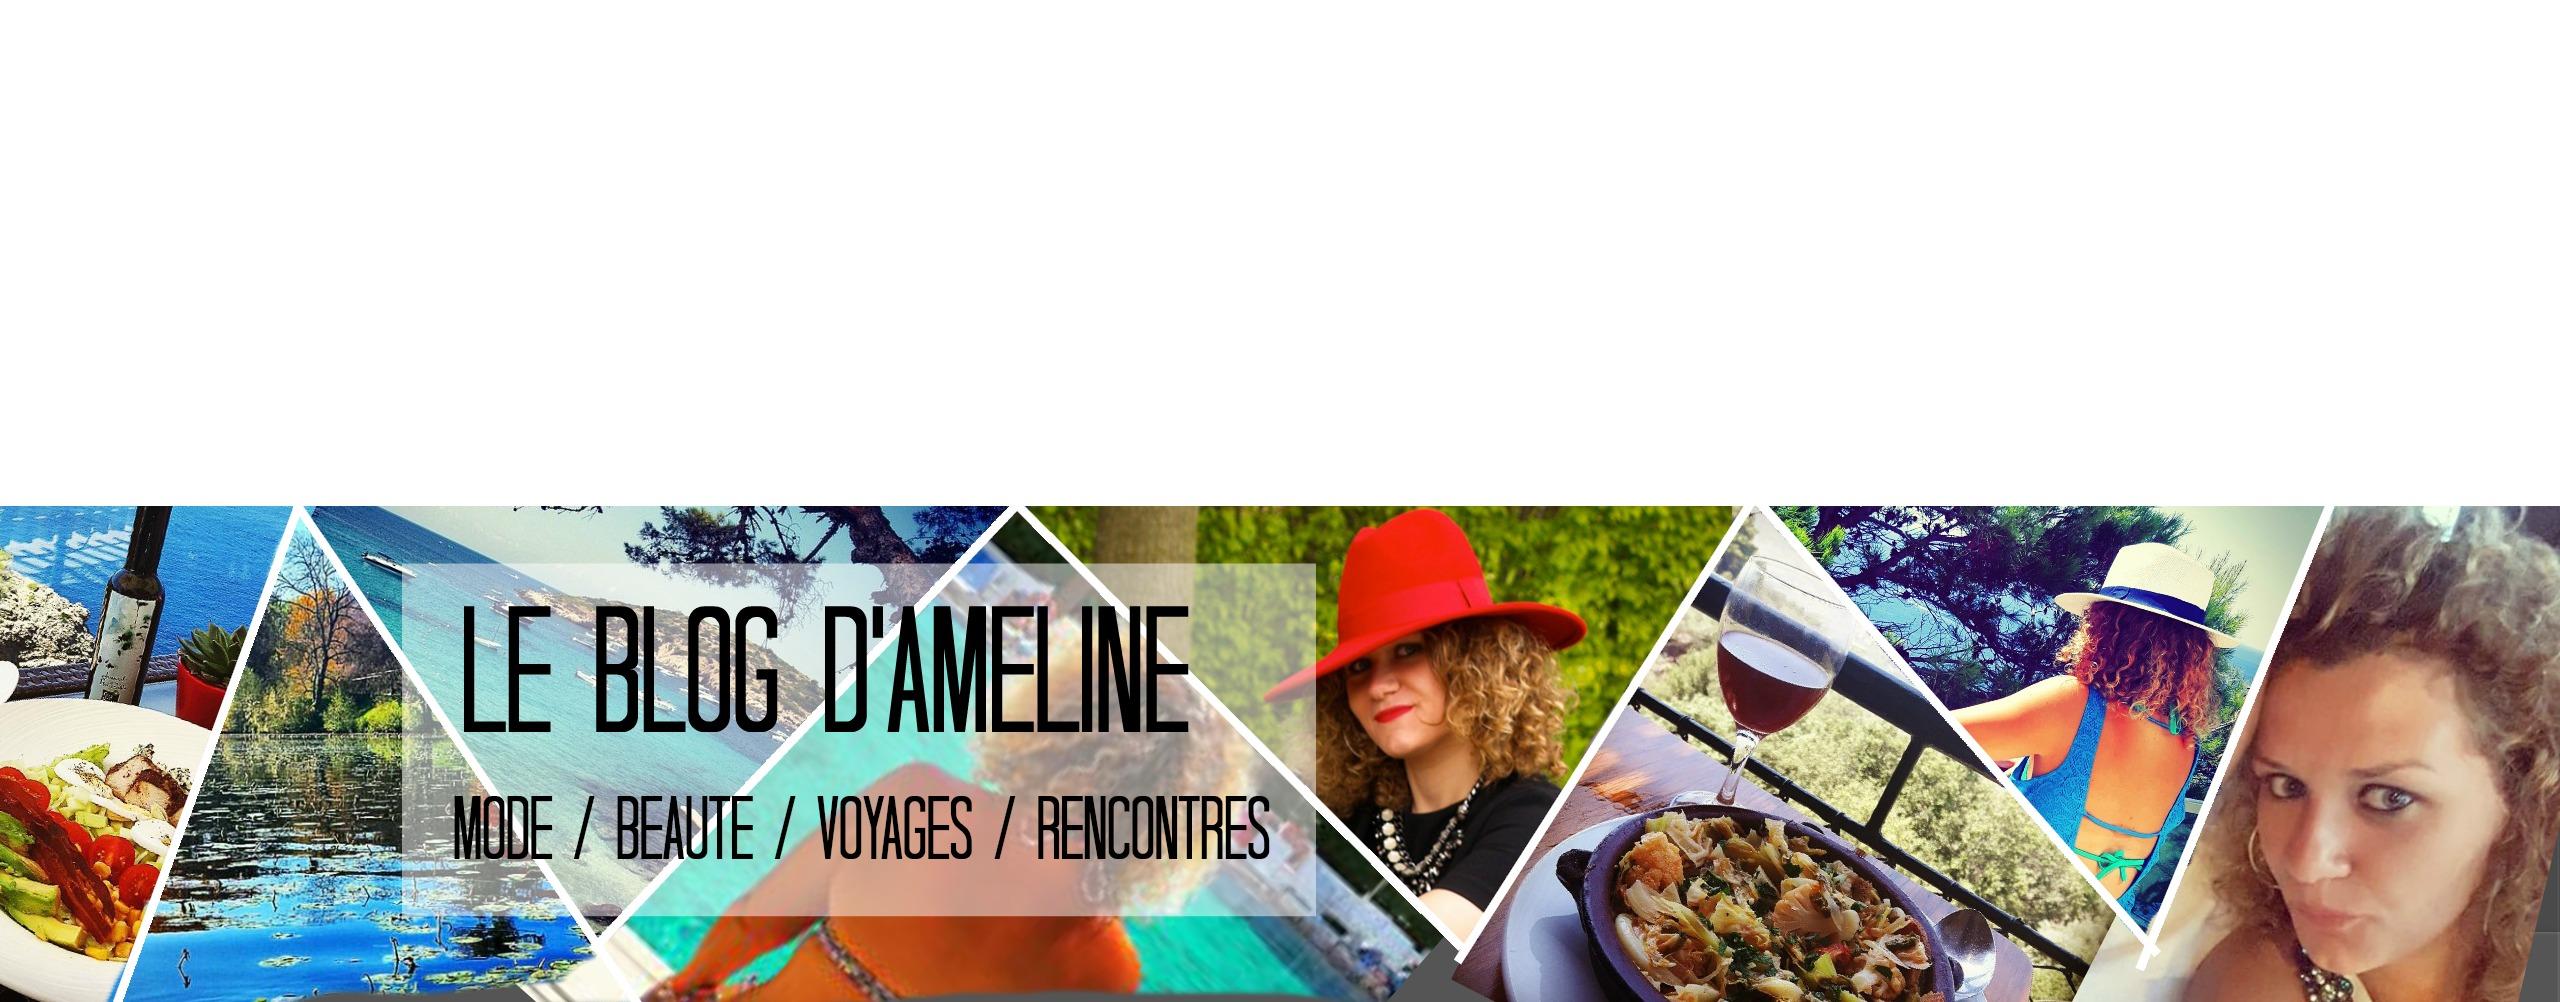 Le Blog d'Ameline